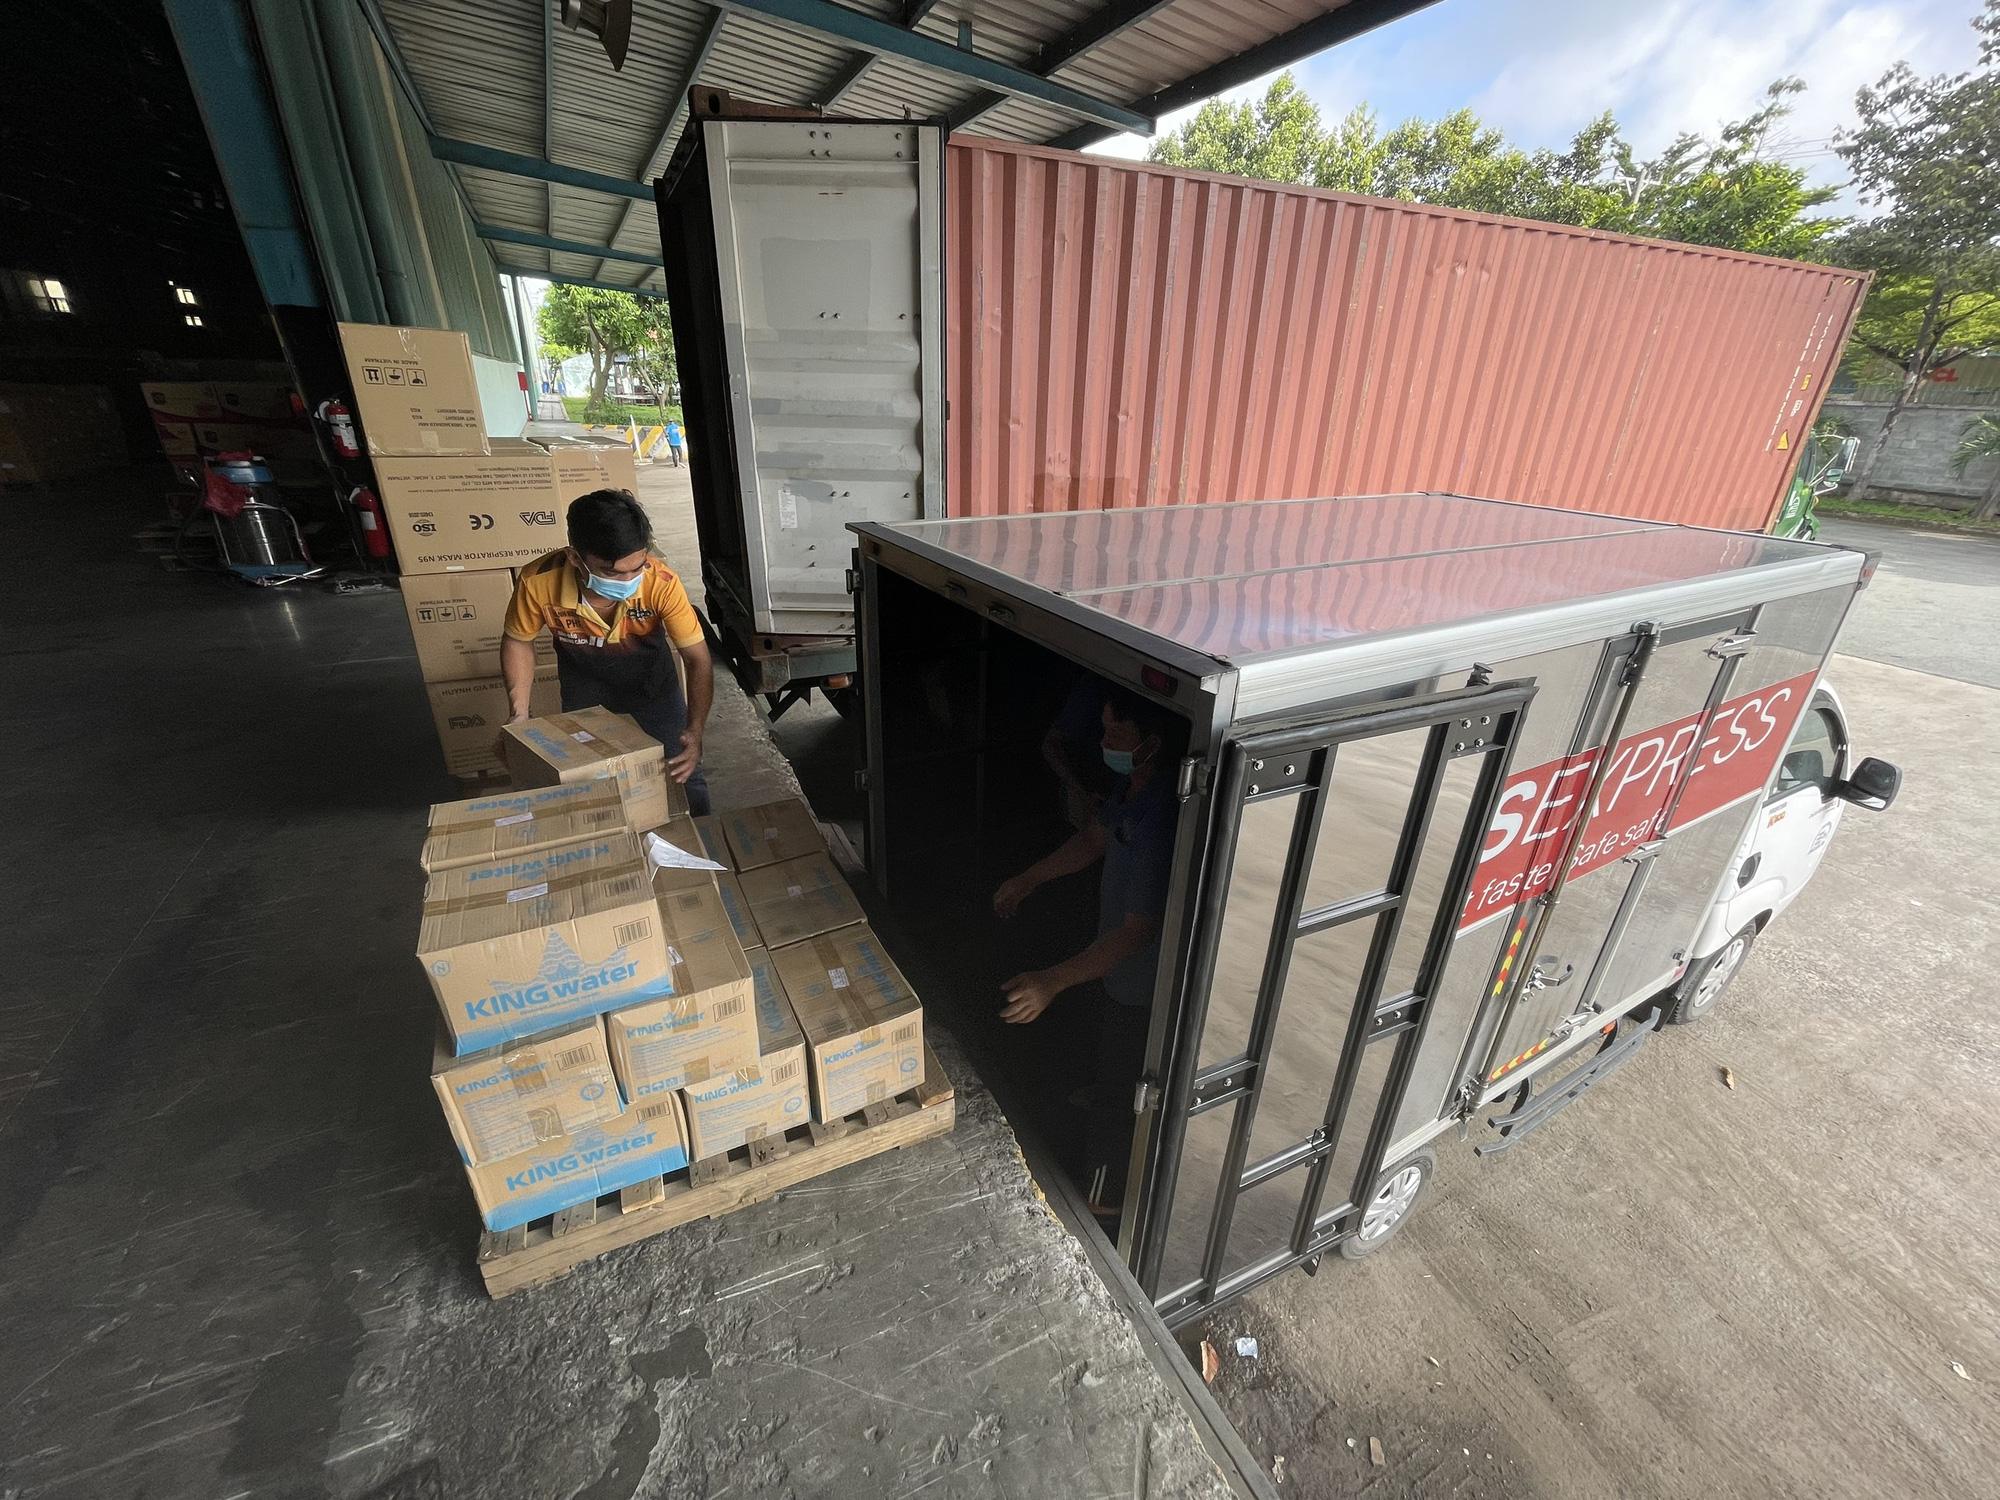 TNI King Coffee tiếp tục hỗ trợ các y bác sĩ tuyến đầu chống dịch tại TP.HCM và Bình Dương - Ảnh 12.